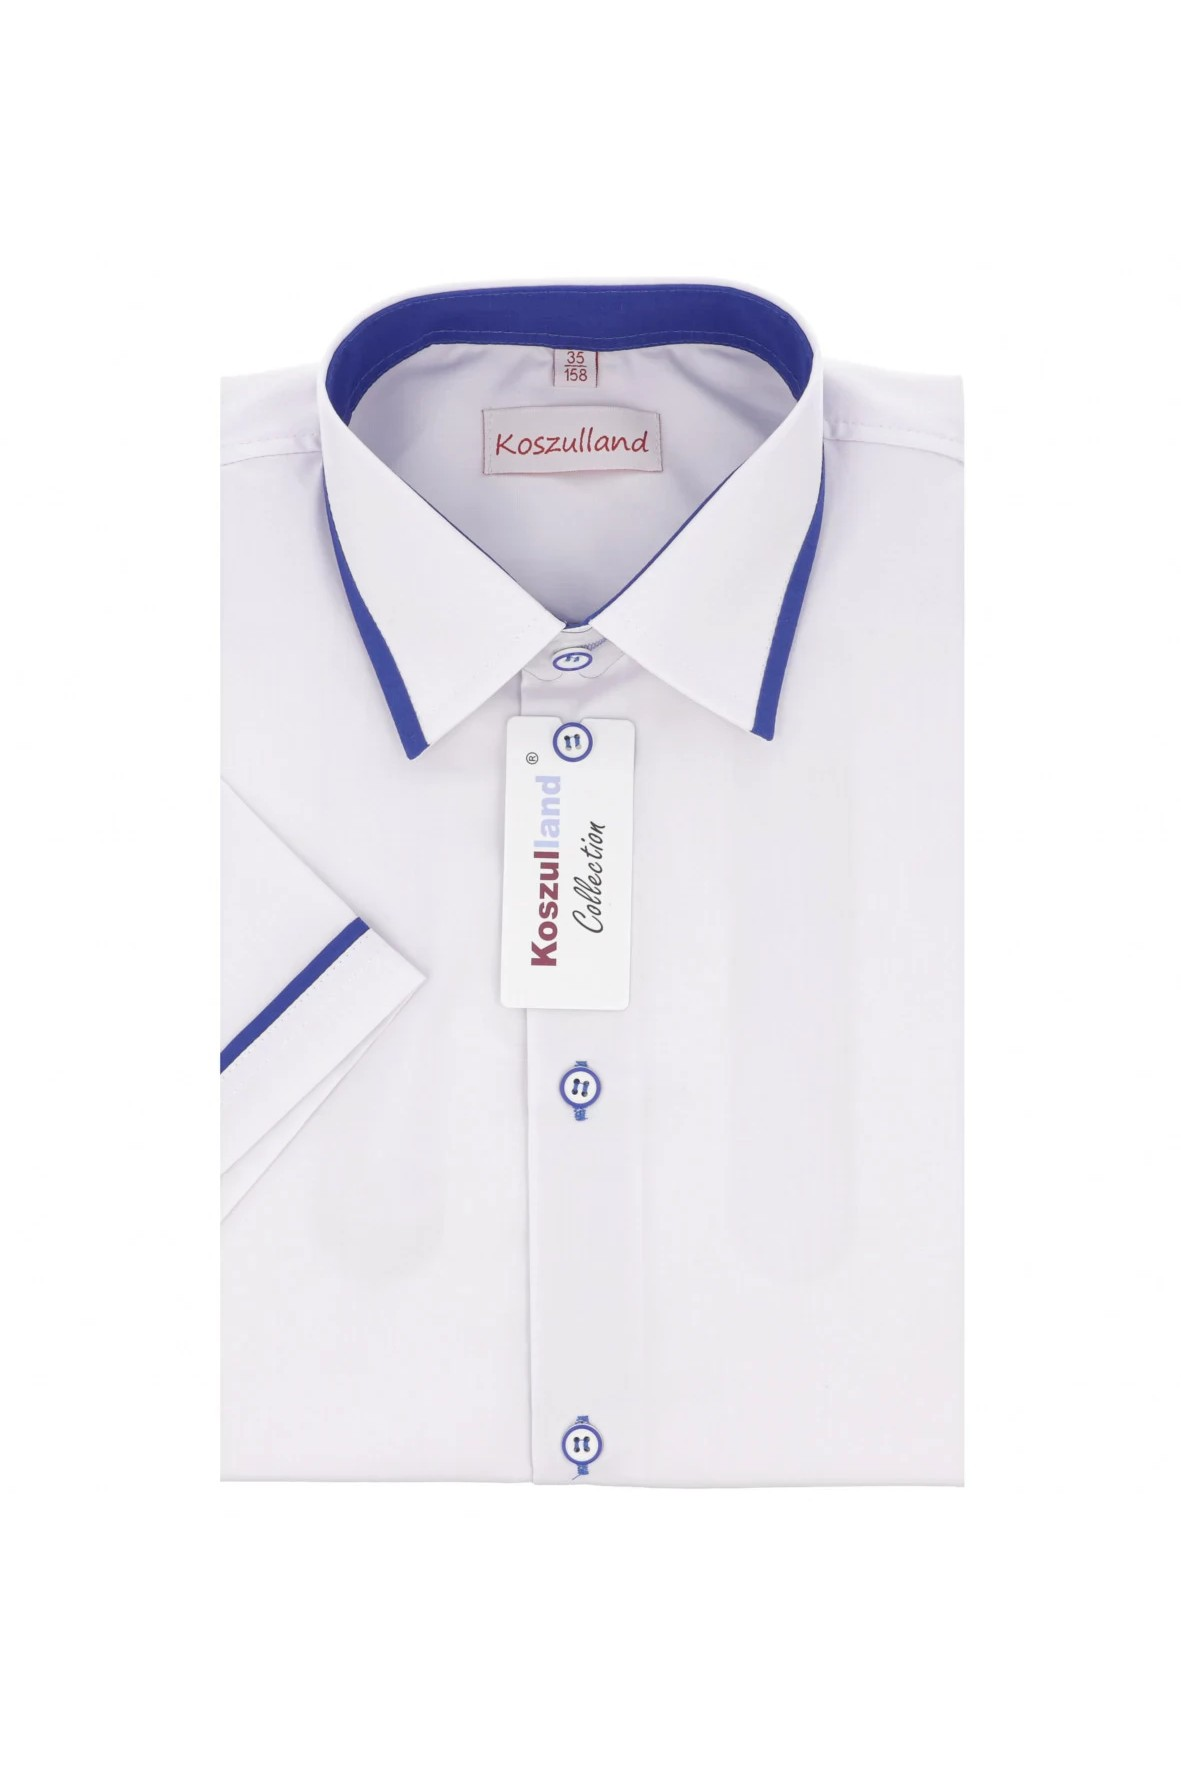 Koszula chłopięca  z krótkim rękawem - biała z niebieskimi dodatkami